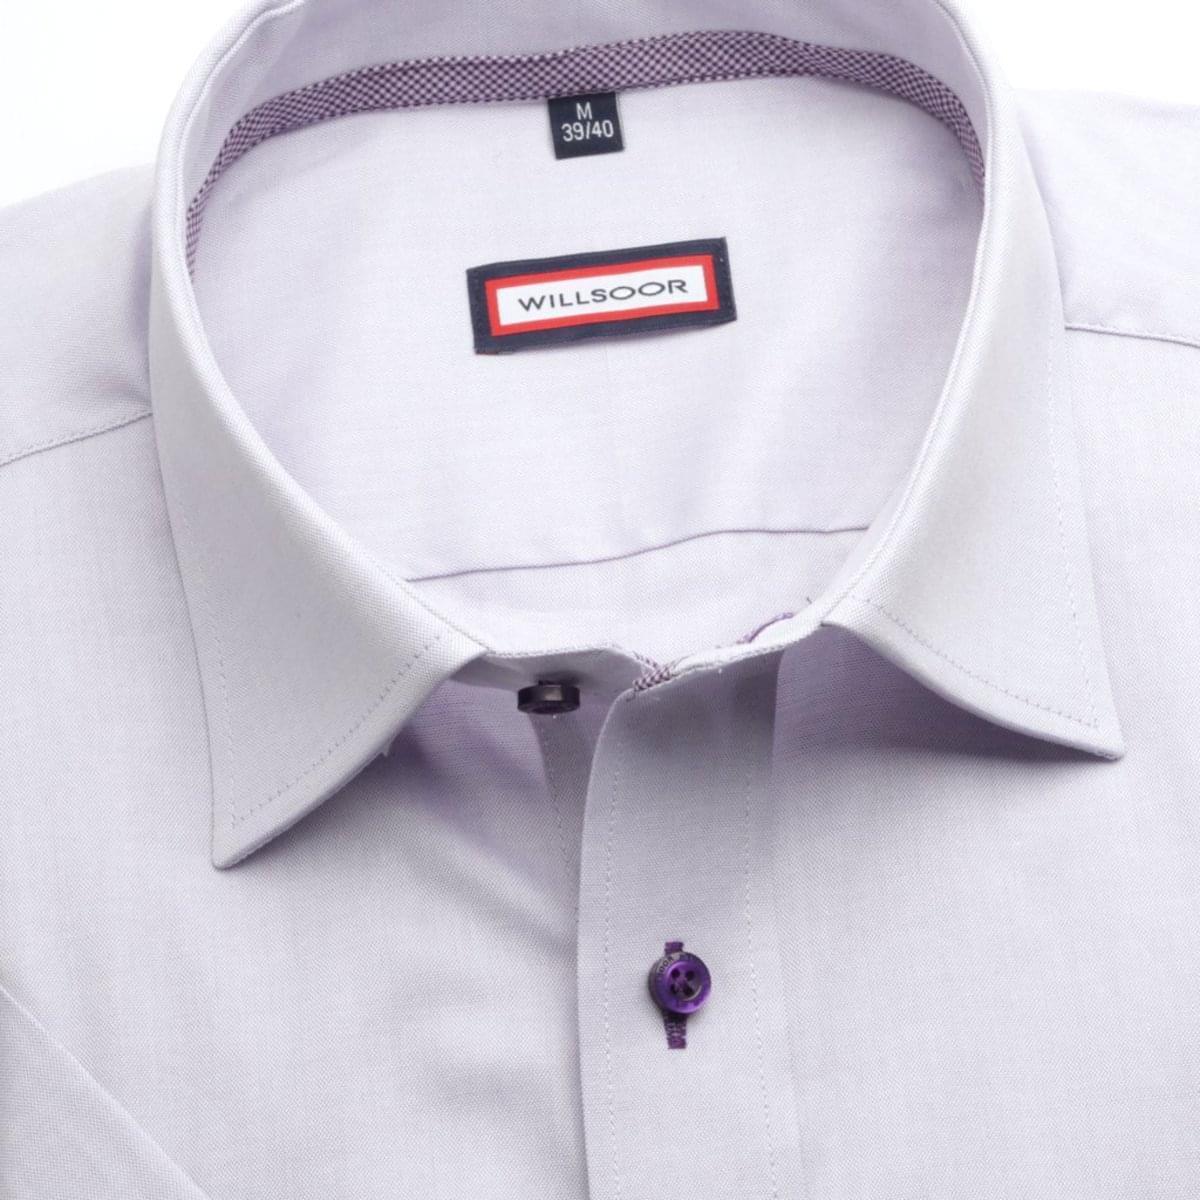 Pánska klasická košeľa (výška 176-182) 6614 s krátkym rukávom vo svetlo fialové farbe 176-182 / L (41/42)